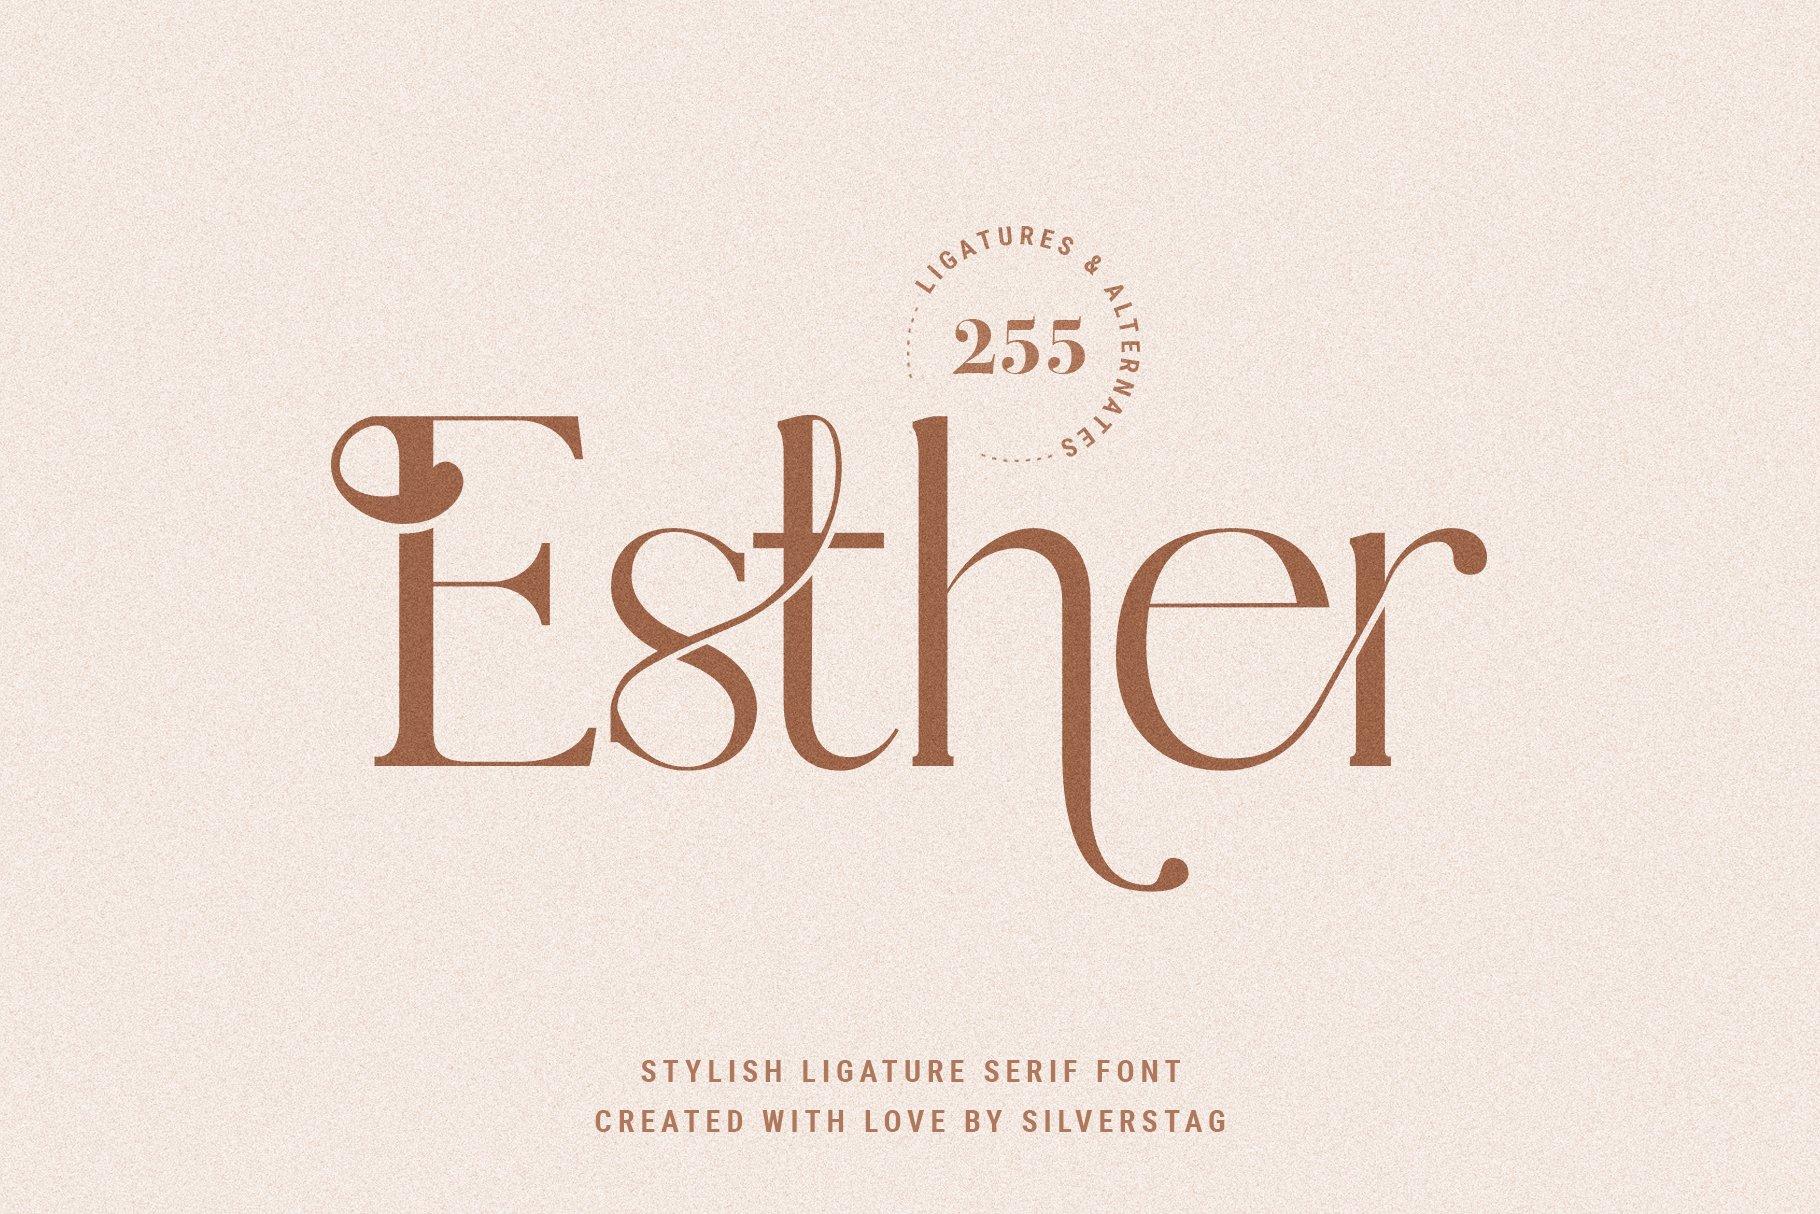 Esther Stylish Ligature Serif Font-1